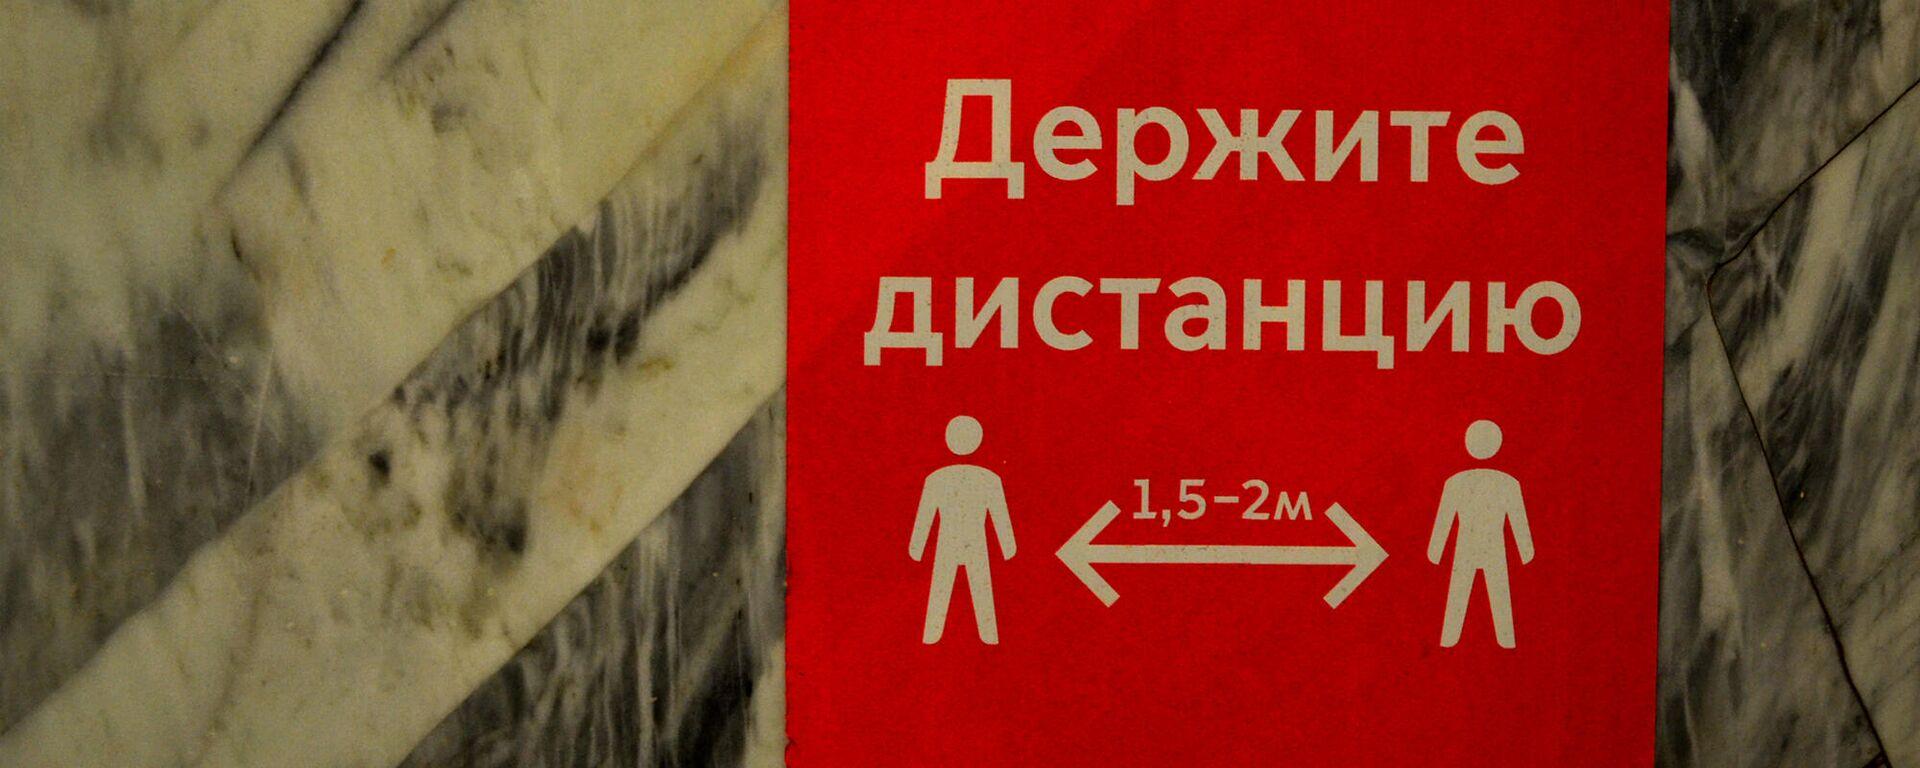 Coronavirus in Russia - segnale di distanziamento metropolitana di Mosca, agosto 2021 - Sputnik Italia, 1920, 02.09.2021